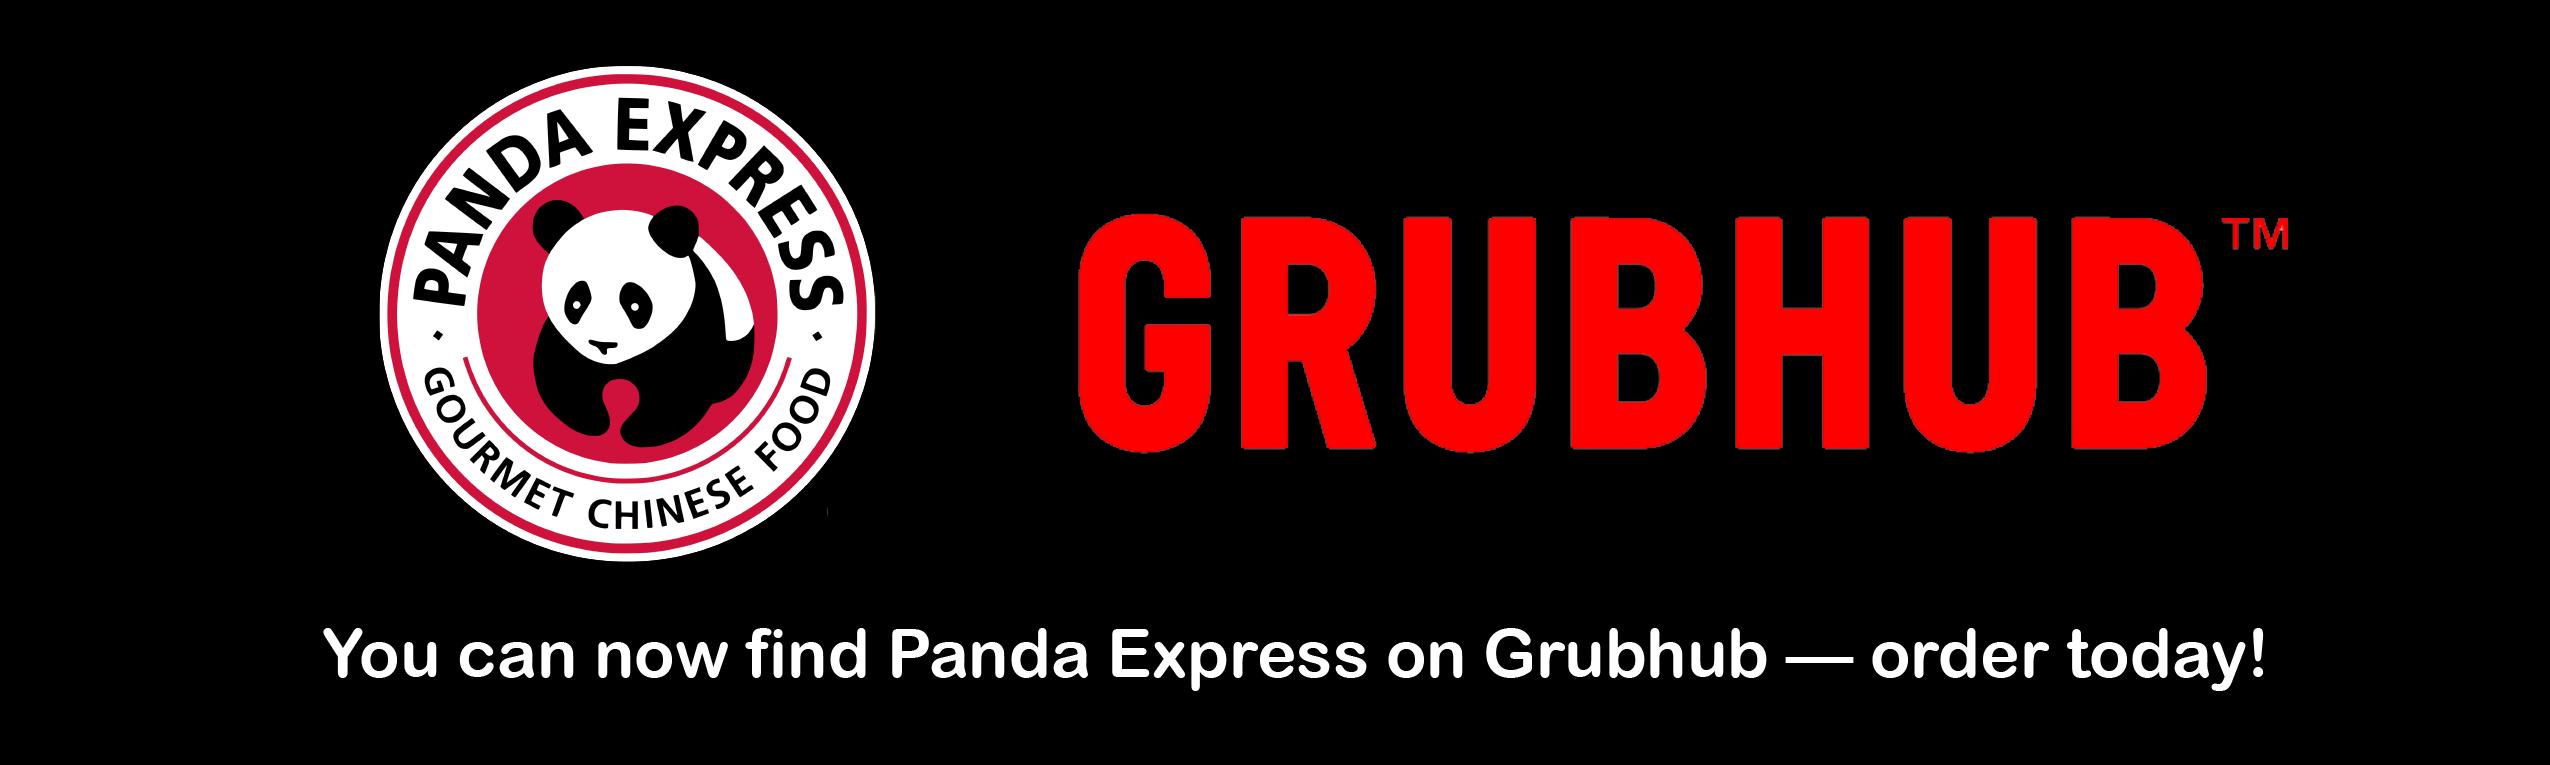 Panda Express on Grubhub